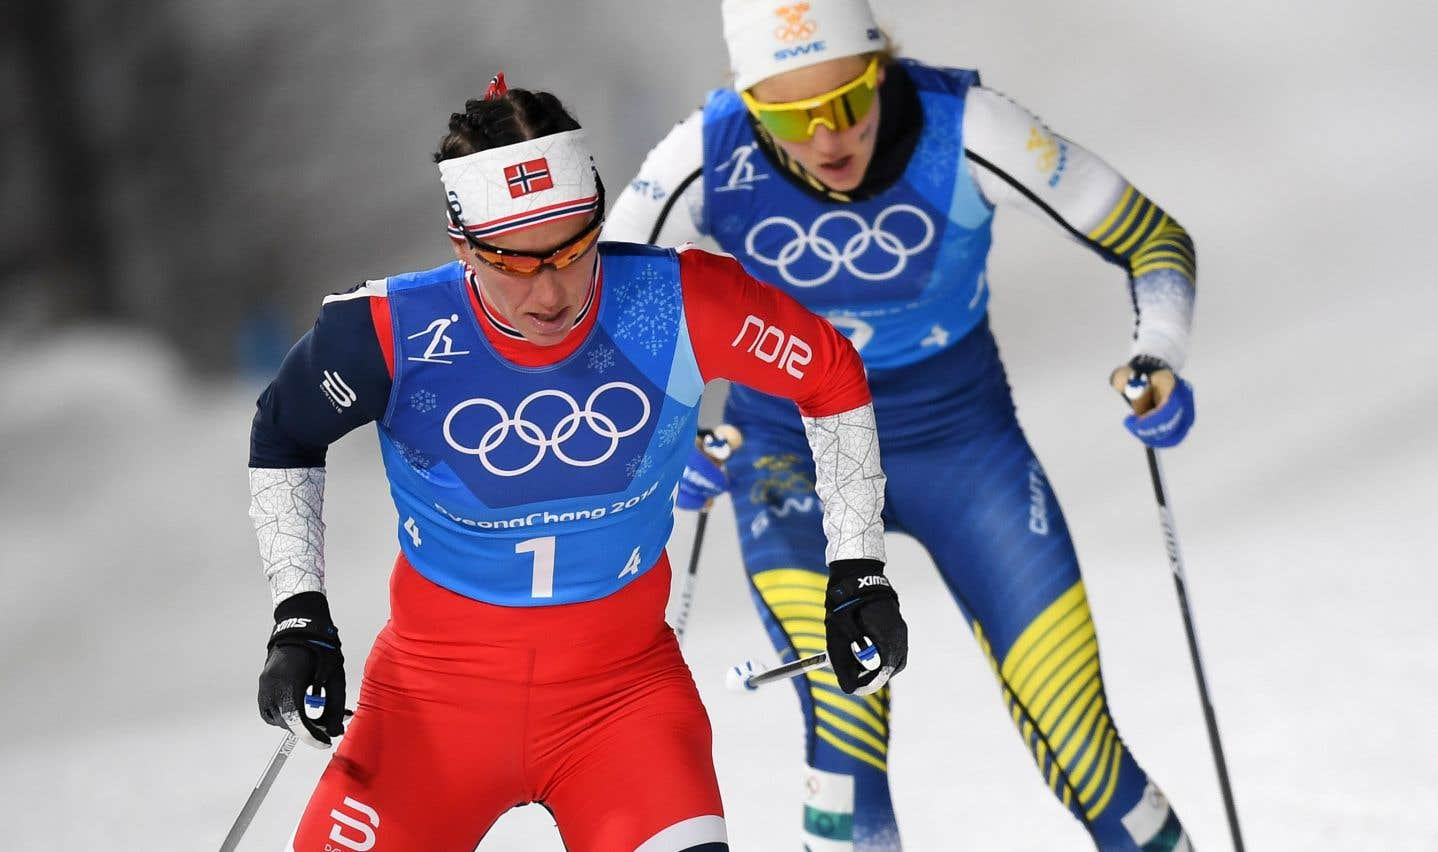 Marit Björgen a établi un nouveau record de médailles dans l'histoire des JO d'hiver en décrochant avec la Norvège le bronze du sprint par équipes de ski de fond.